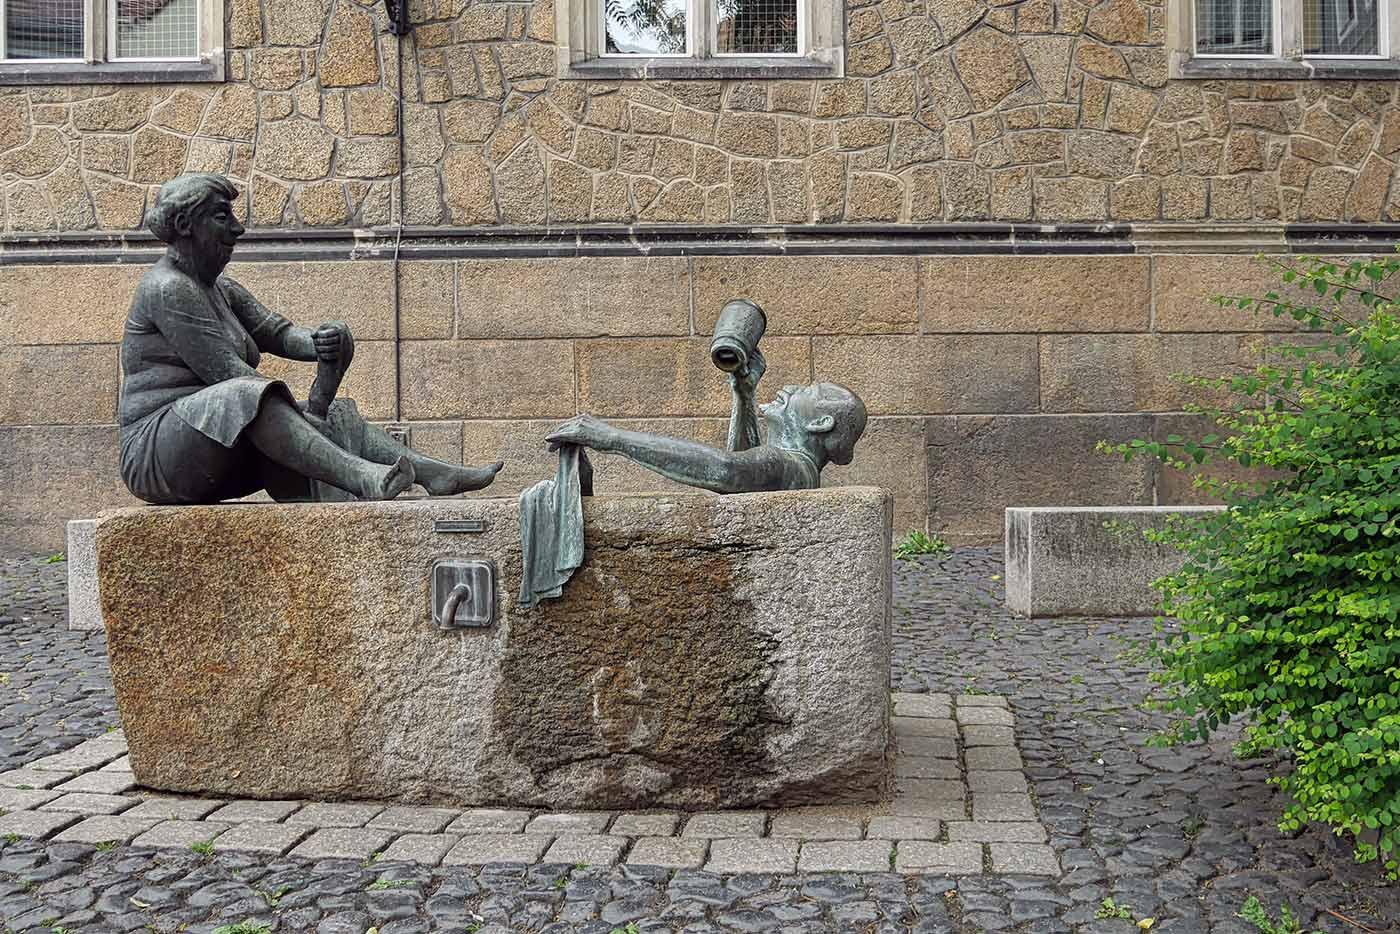 Zecherpaar Brunnen goerlitz